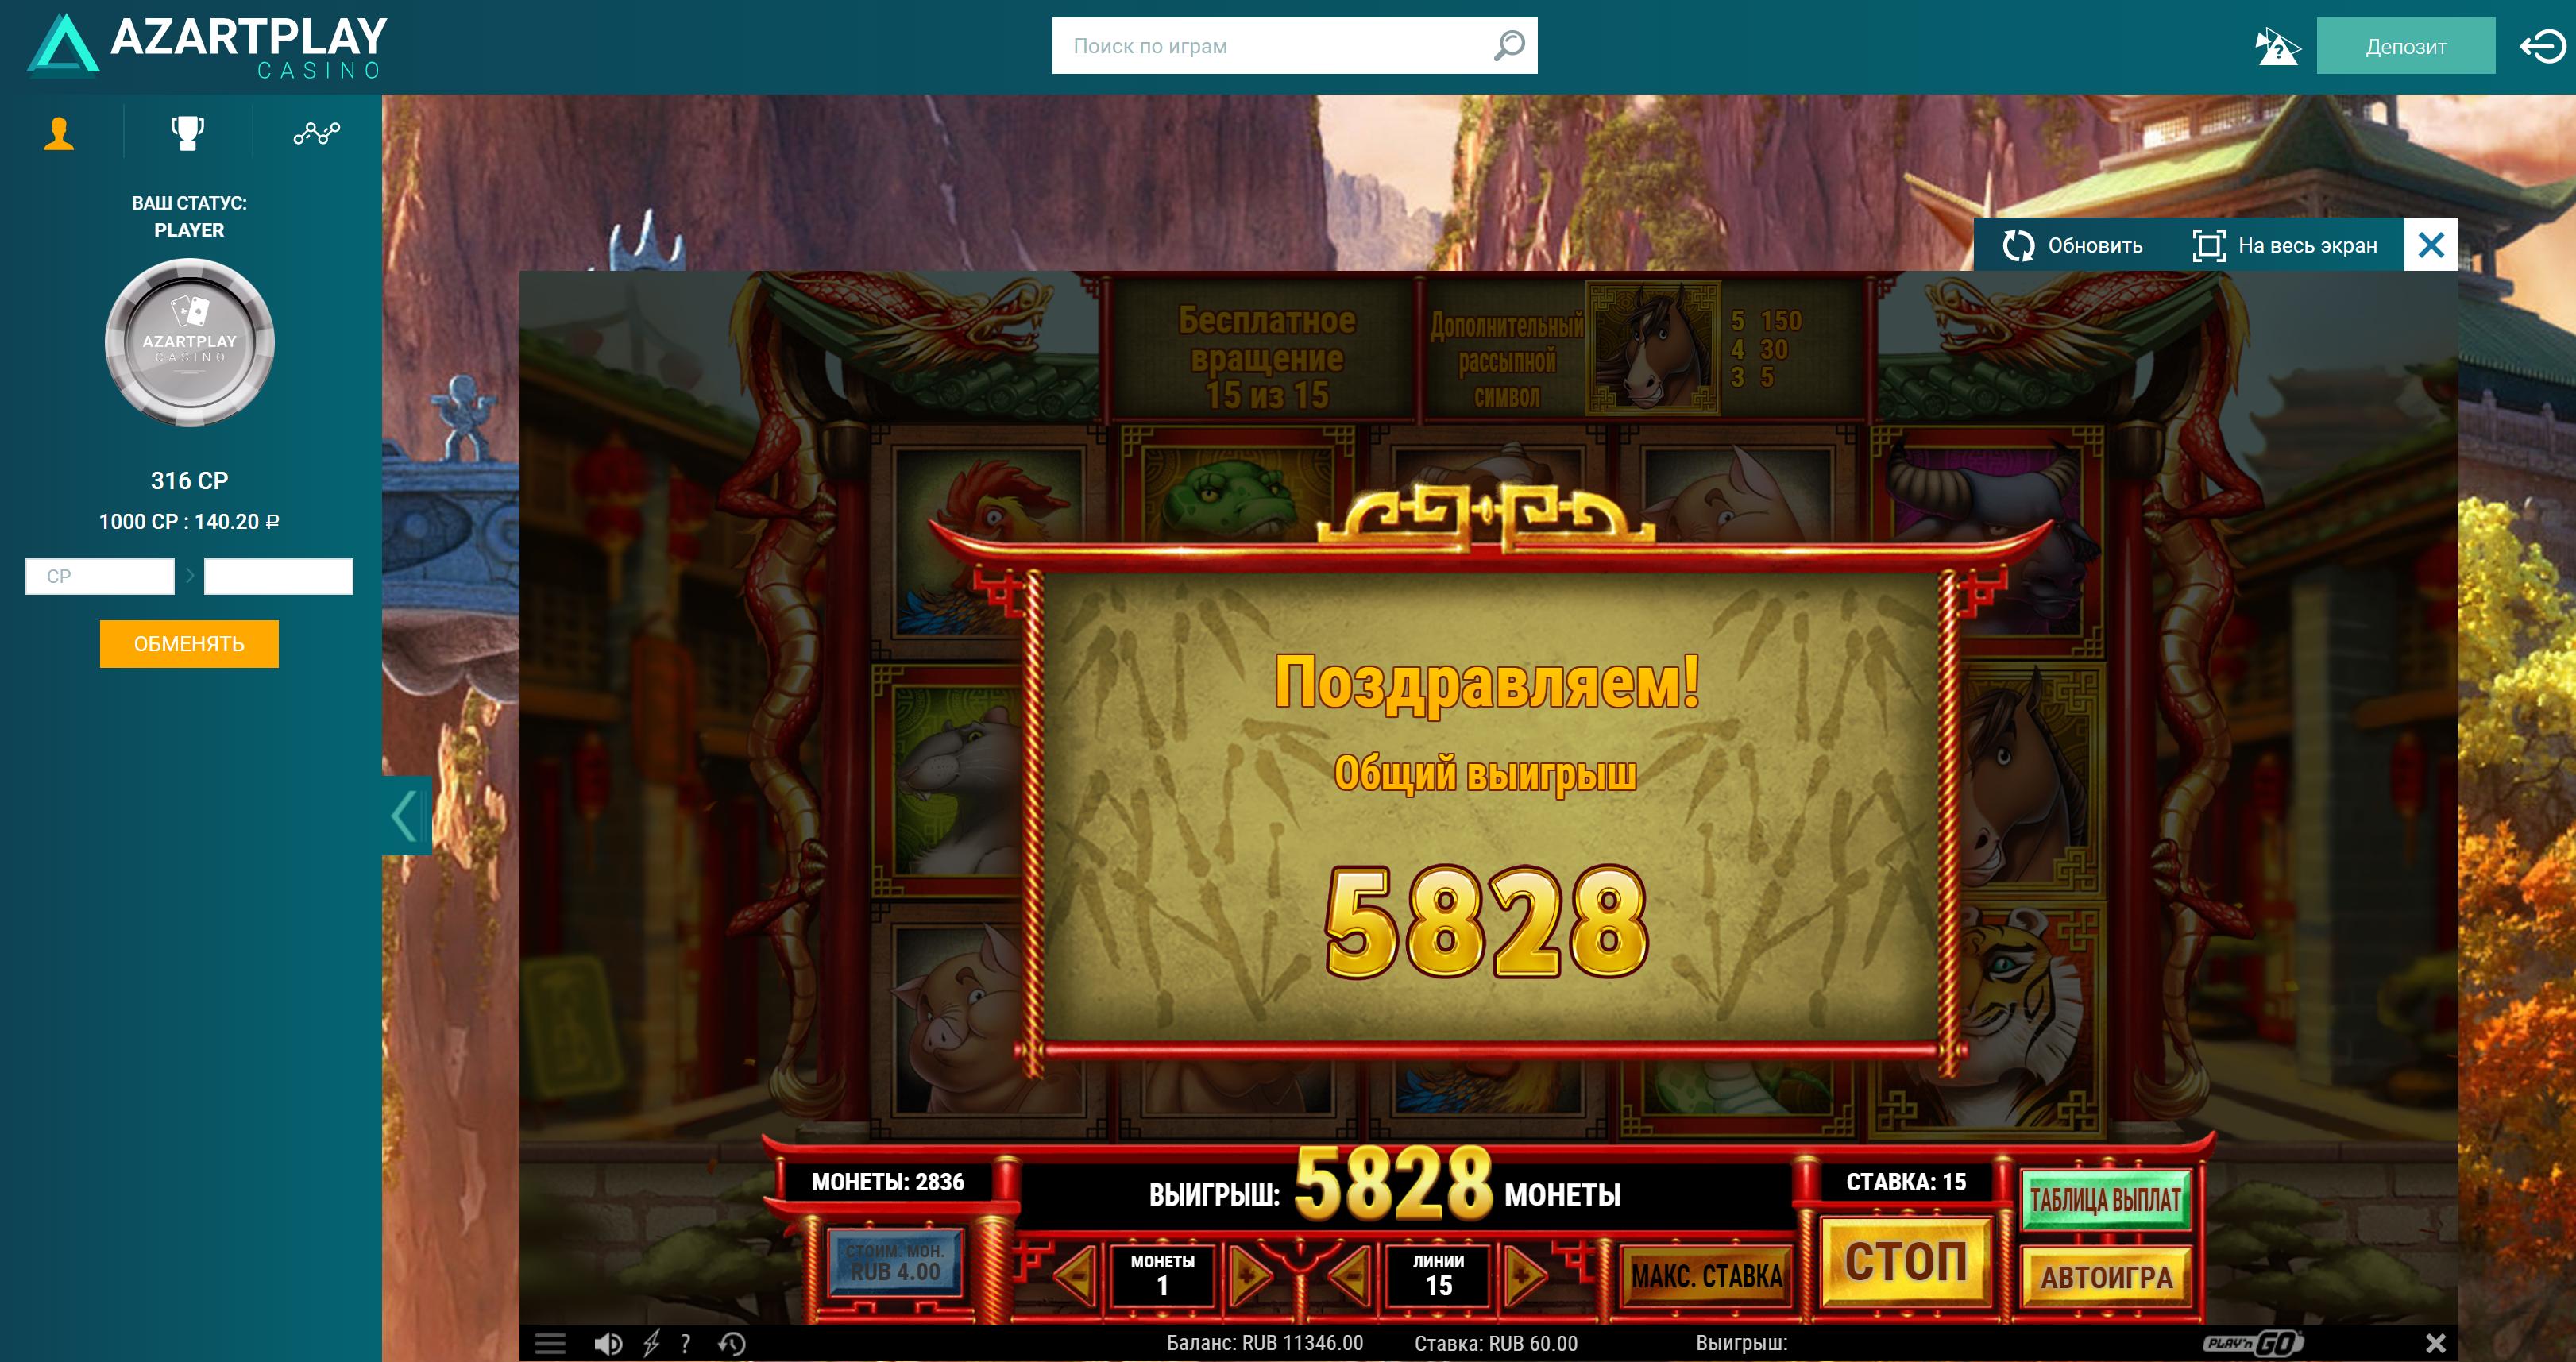 азарт плей azartplay официальный зеркало